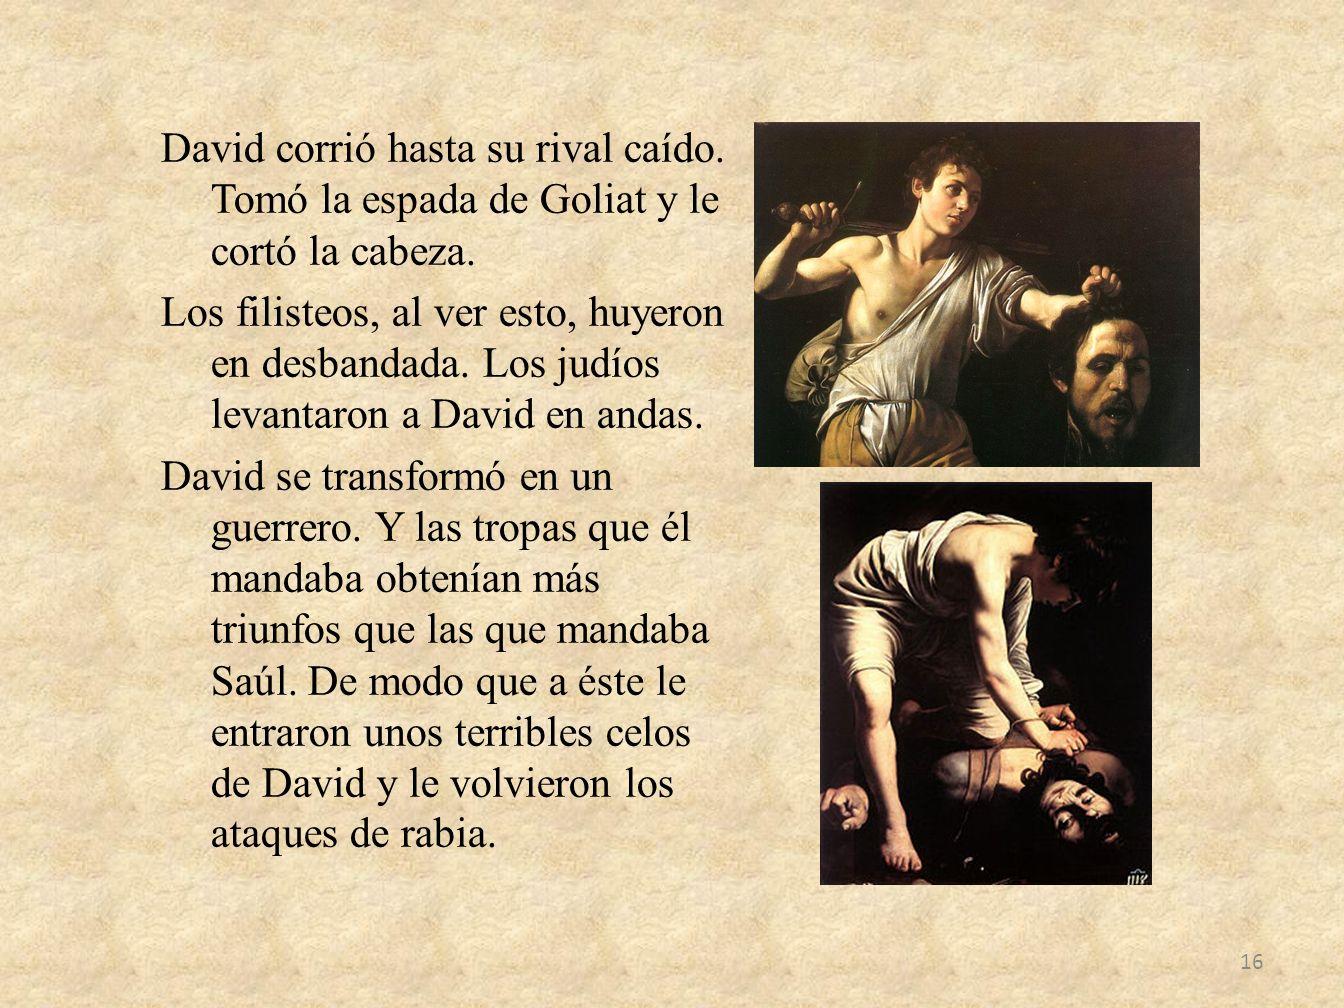 David corrió hasta su rival caído. Tomó la espada de Goliat y le cortó la cabeza. Los filisteos, al ver esto, huyeron en desbandada. Los judíos levant